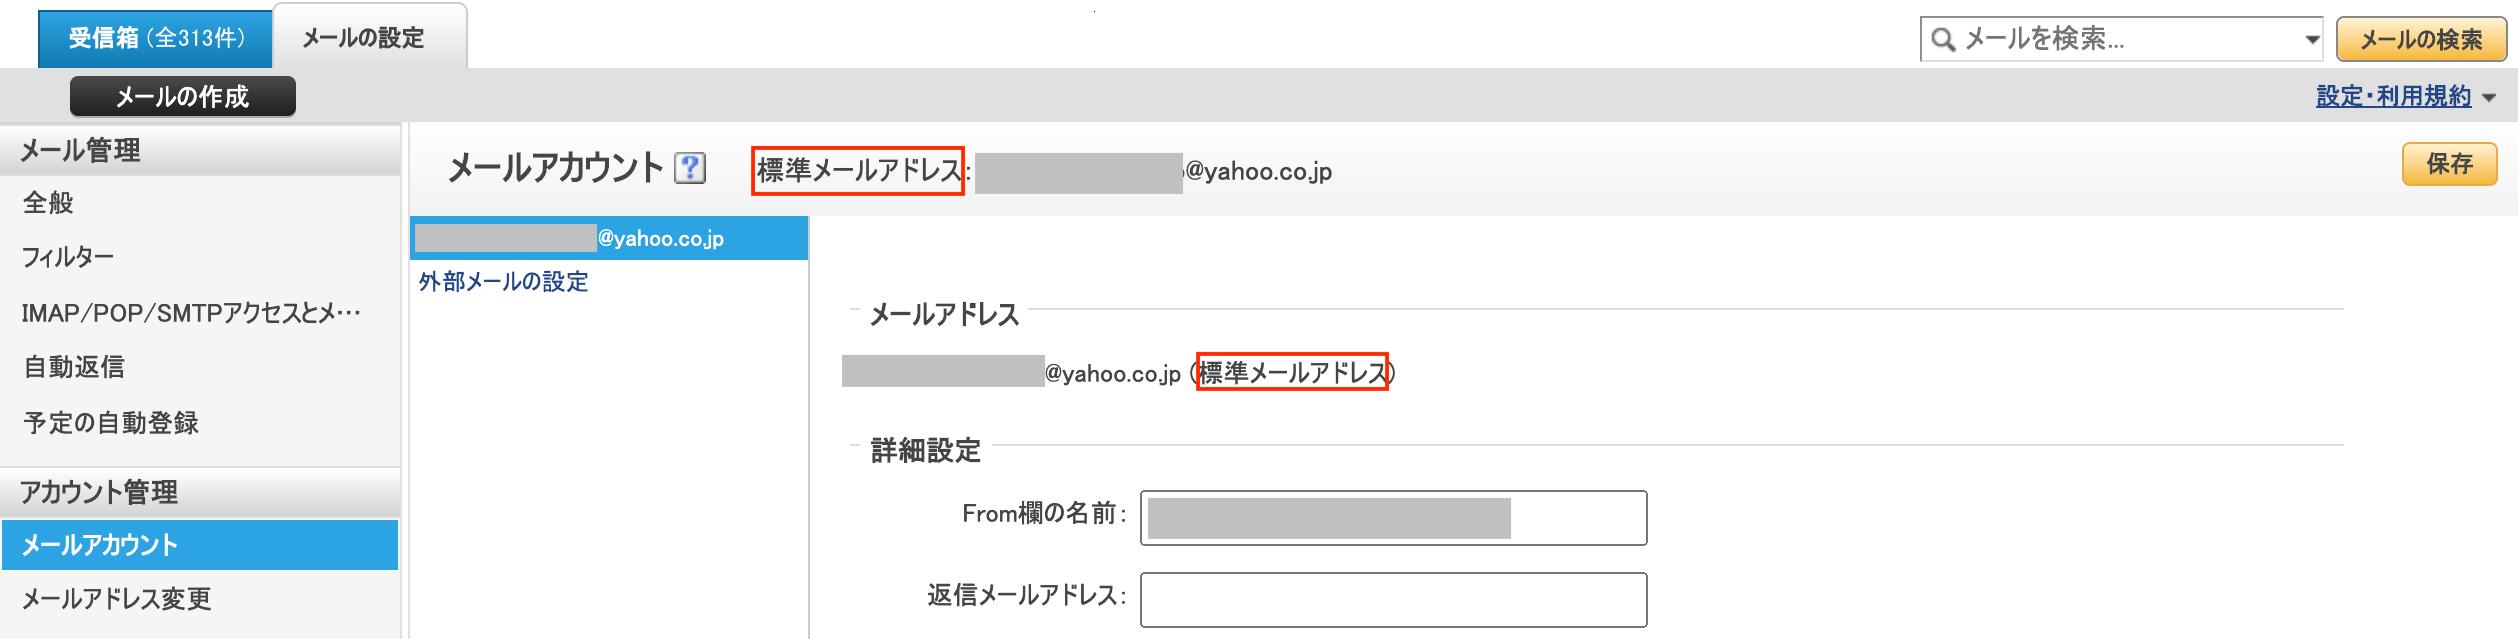 メールアカウント設定 変更後